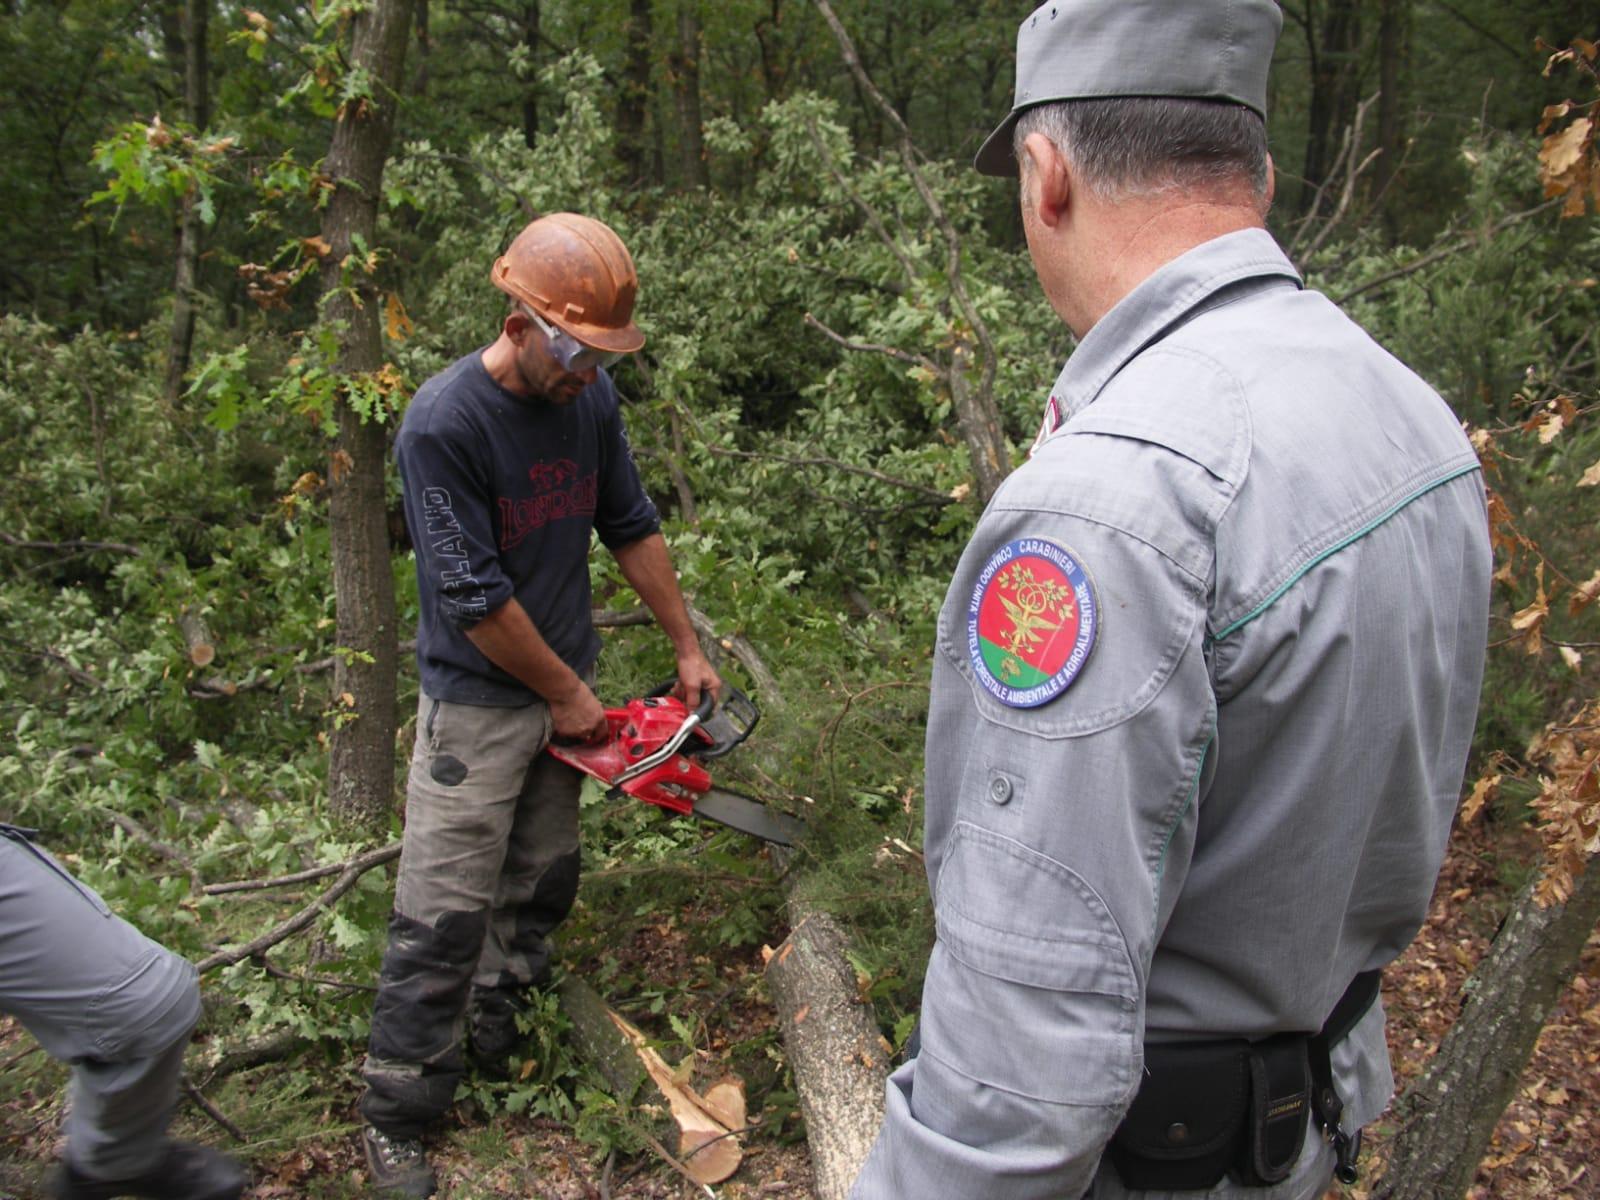 Tagliatori di alberi non in regola con il permesso di soggiorno, denunciati operai e titolare della ditta. Sanzioni per oltre 3000 euro